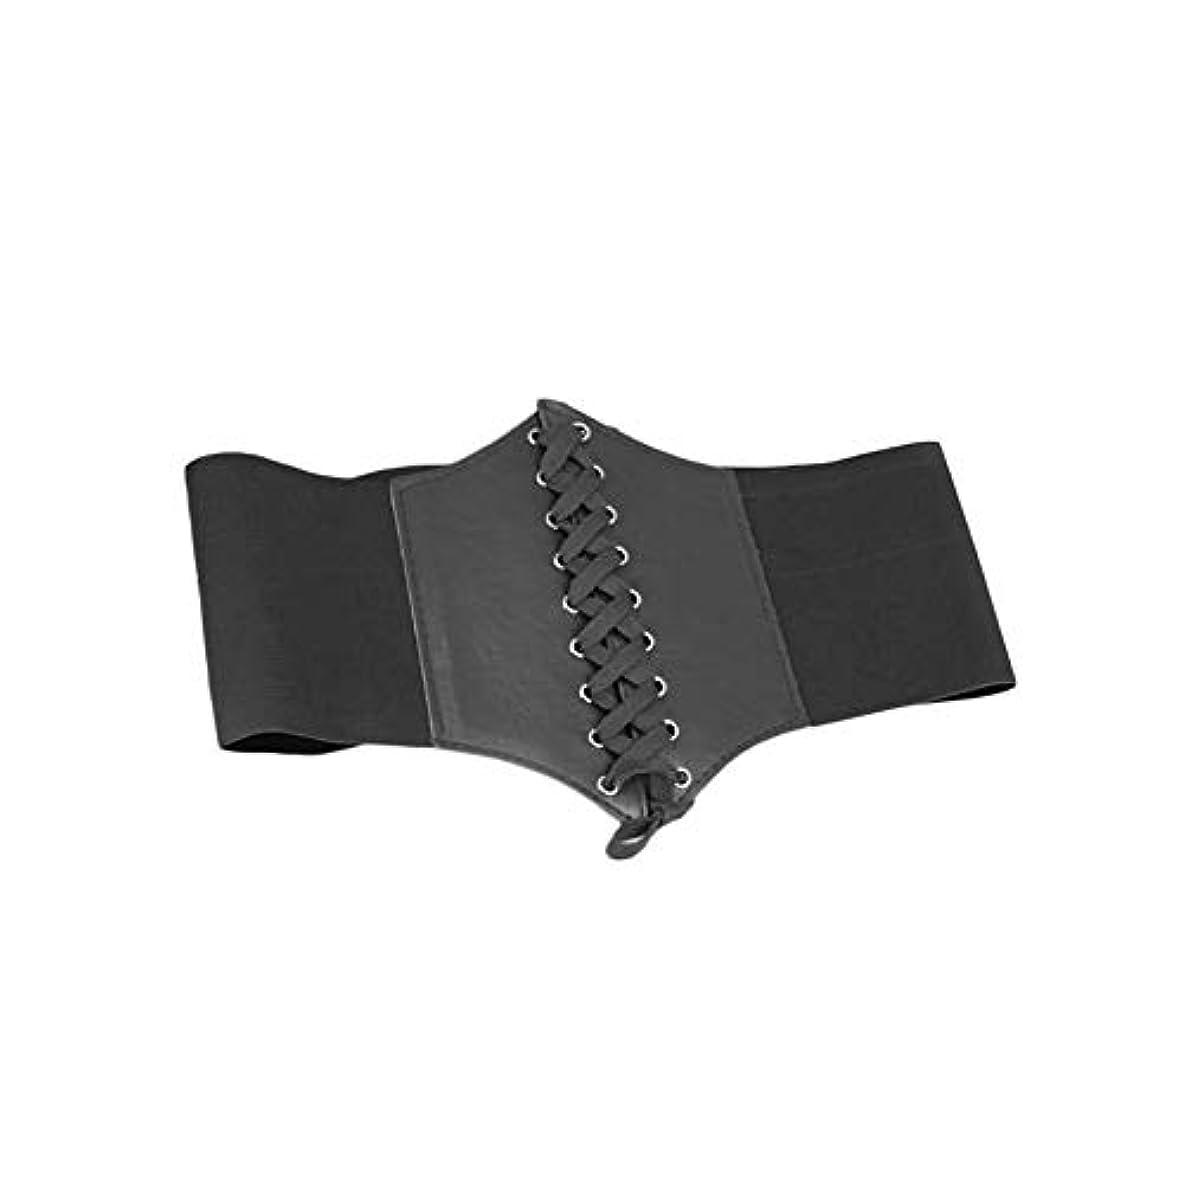 に変わる熟練したフィッティング女性ヴィンテージソリッドベルトウエストニッパーレースアップコルセット包帯ハイストレッチ調節可能なネクタイワイドウエストバンド用女性 - 黒